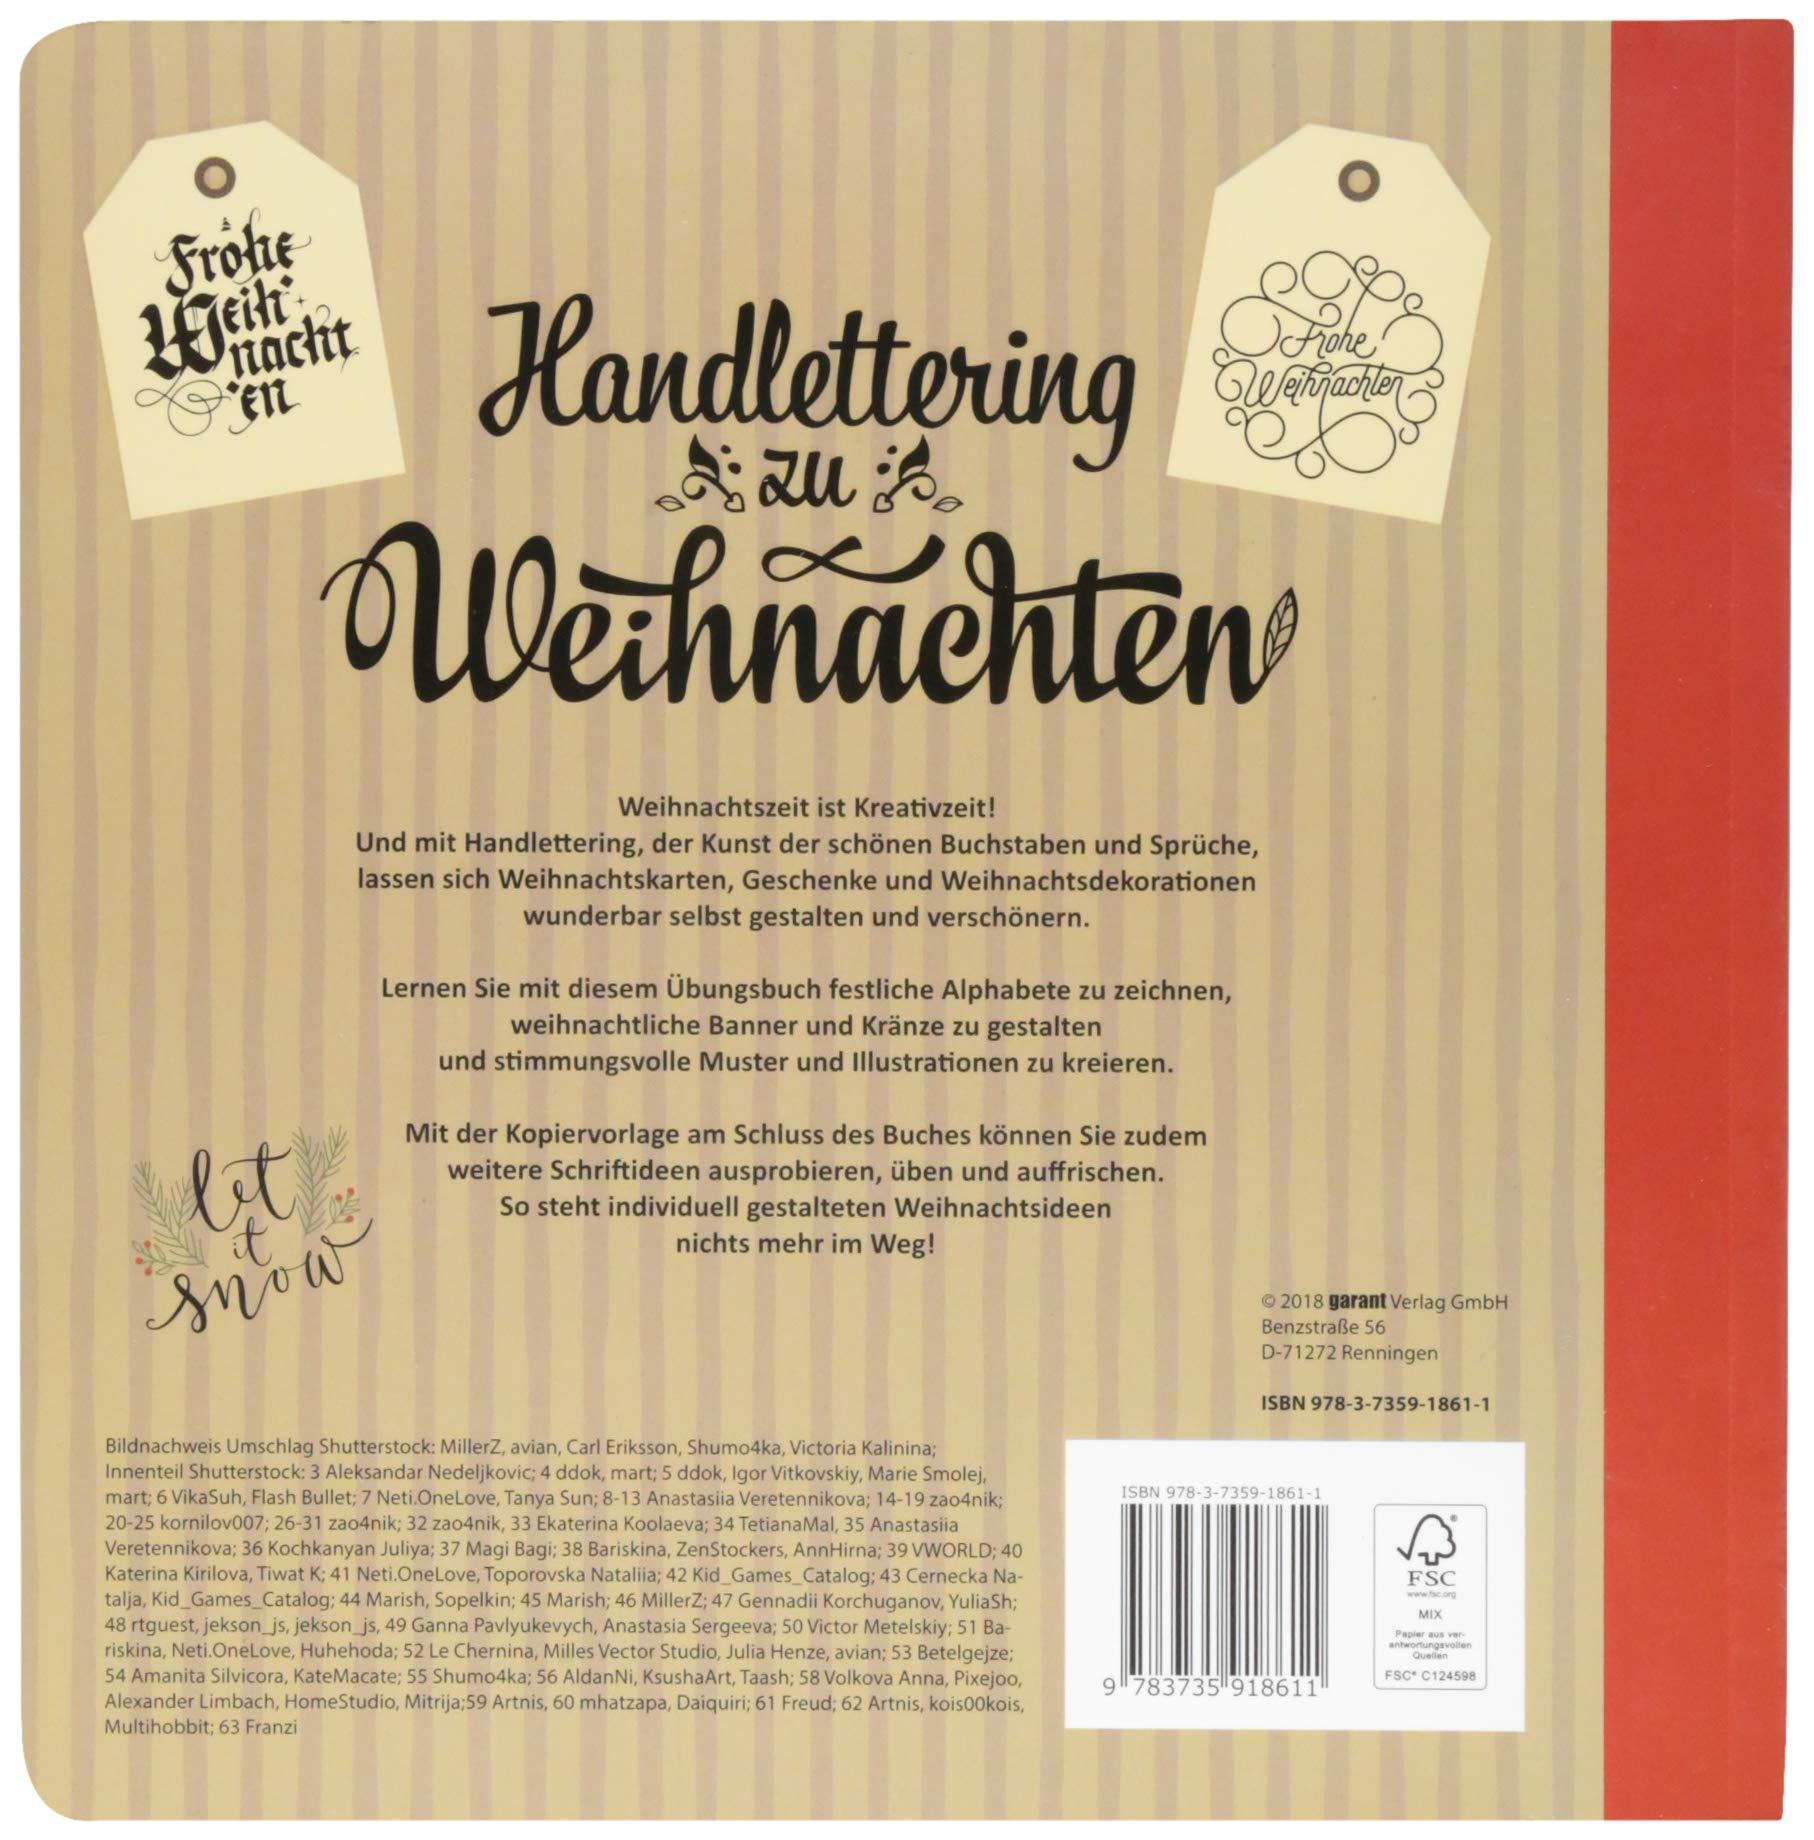 Handlettering zu Weihnachten: Amazon.de: garant Verlag GmbH: Bücher